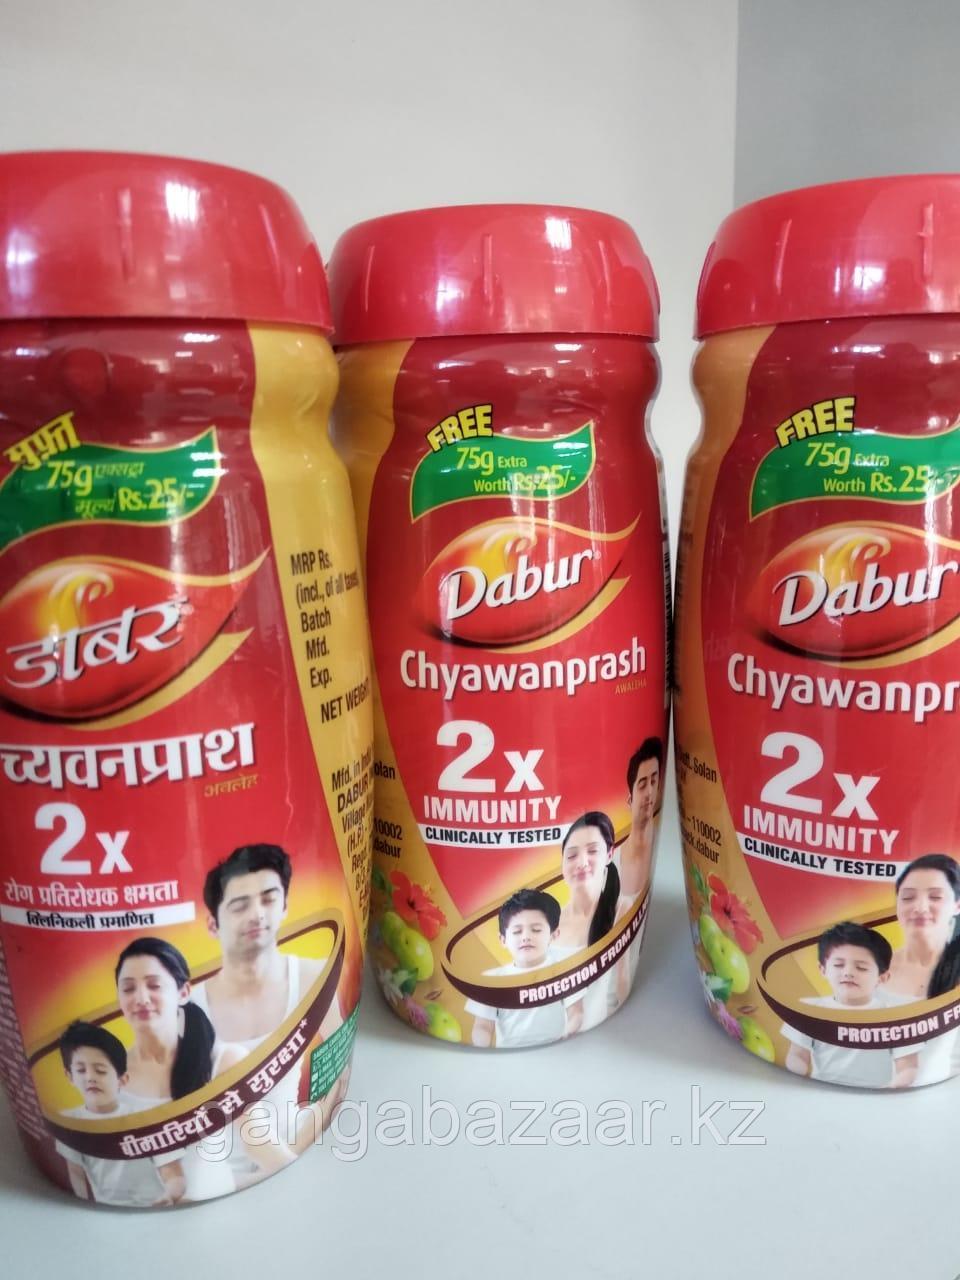 Чаванпраш 2Х  Двойной иммунитет (Chyawanprash 2X, Dabur) - для оздоровления, укрепления организма , 575 гр